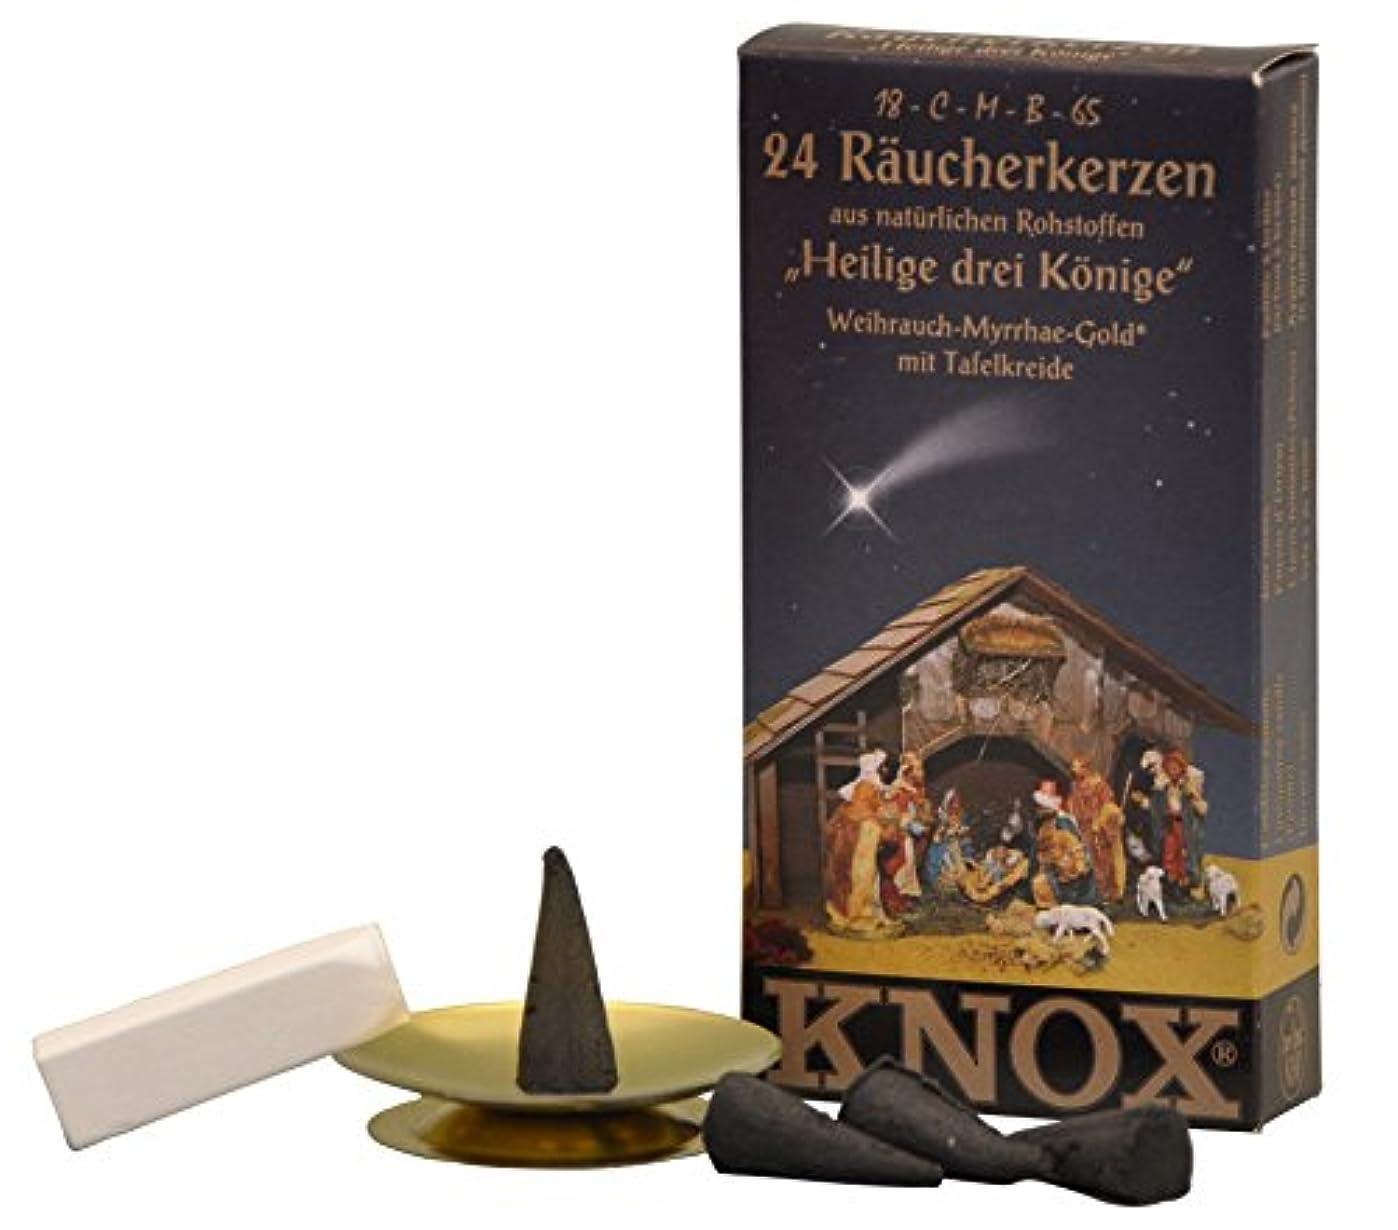 手段独占ベルトKnox Three KingsクリスマスMyrrh Incense Cones withチョークandゴールドシェルSmokers